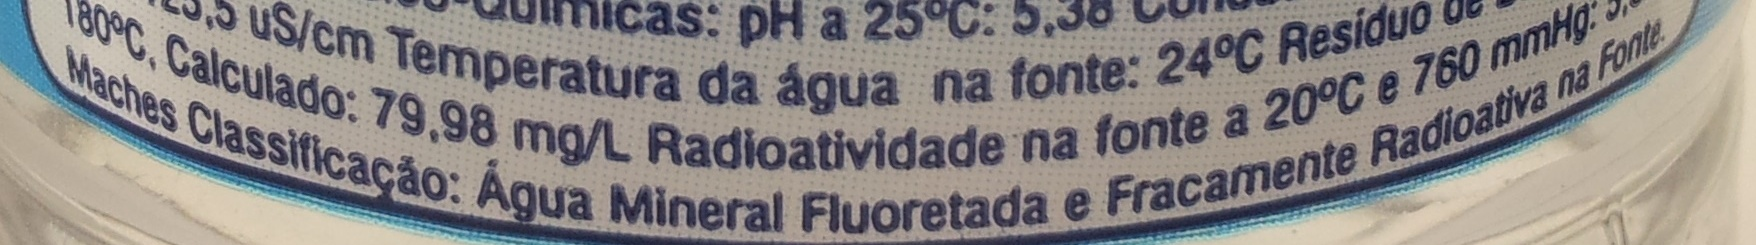 Água Mineral Petrópolis Sem Gás - Ingredients